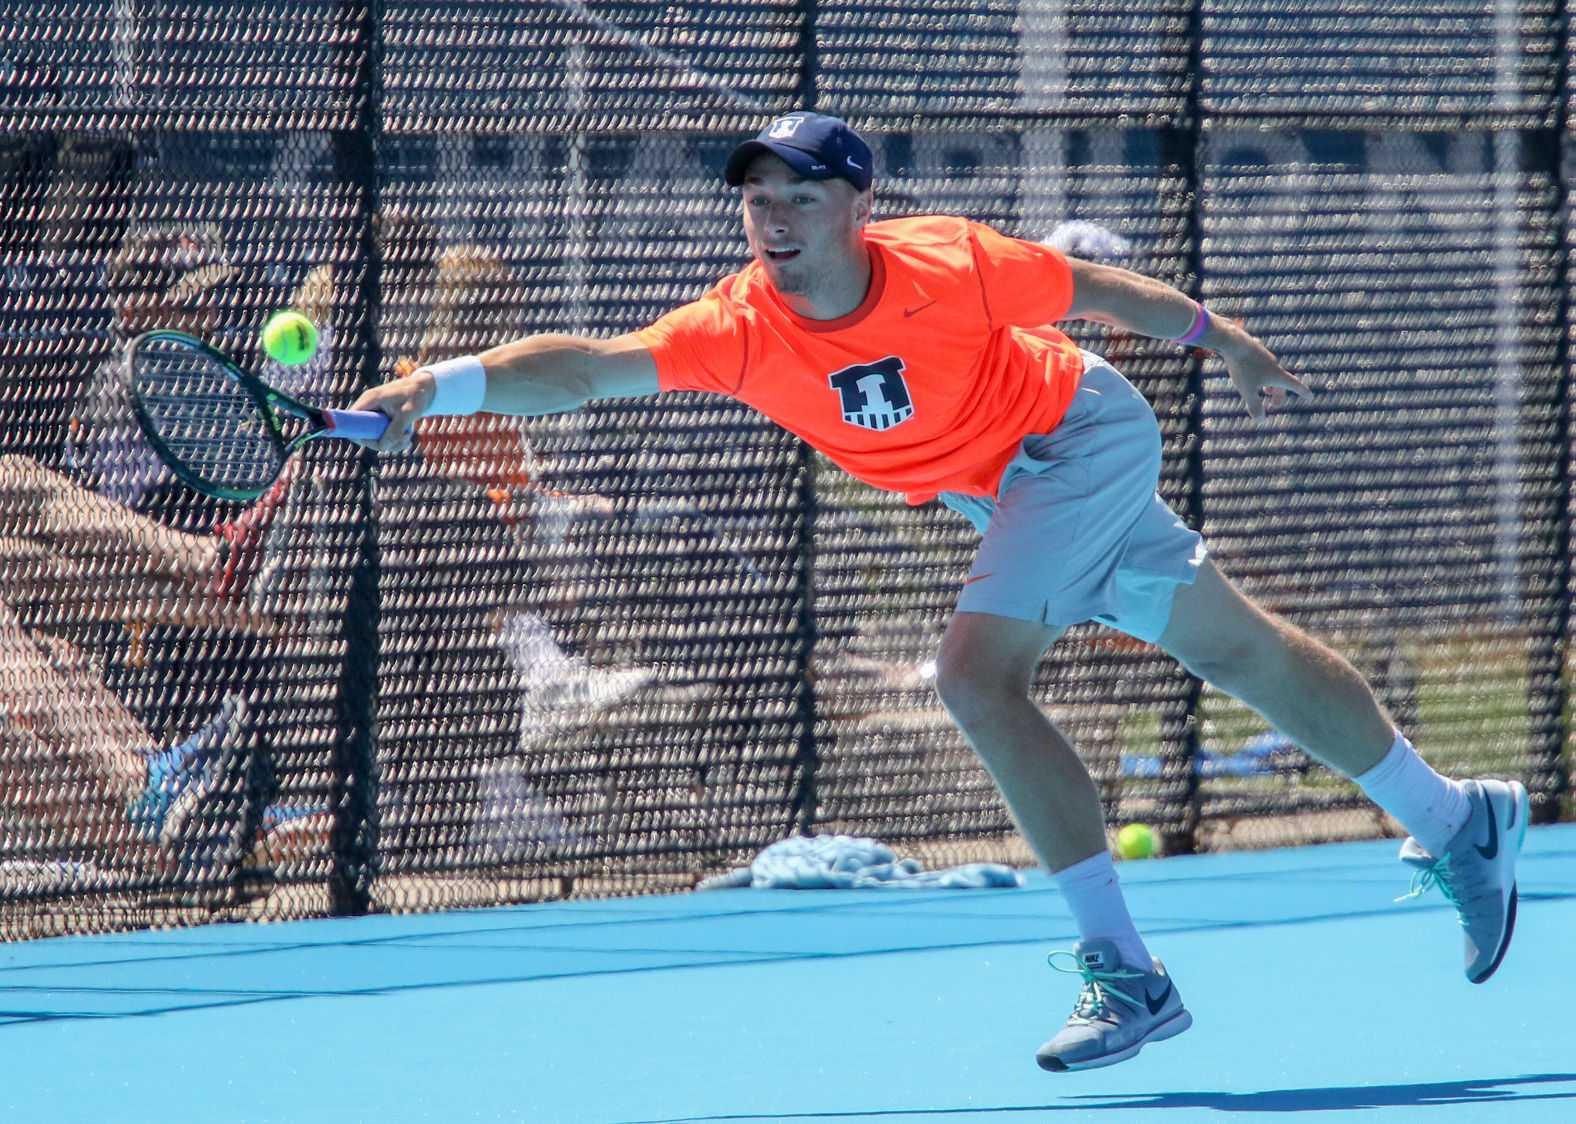 Illinois' Tim Kopinski reaches for the ball during the tennis game v. Iowa at Atkins Tennis Center on Saturday, April 11. Illinois won 6-1.